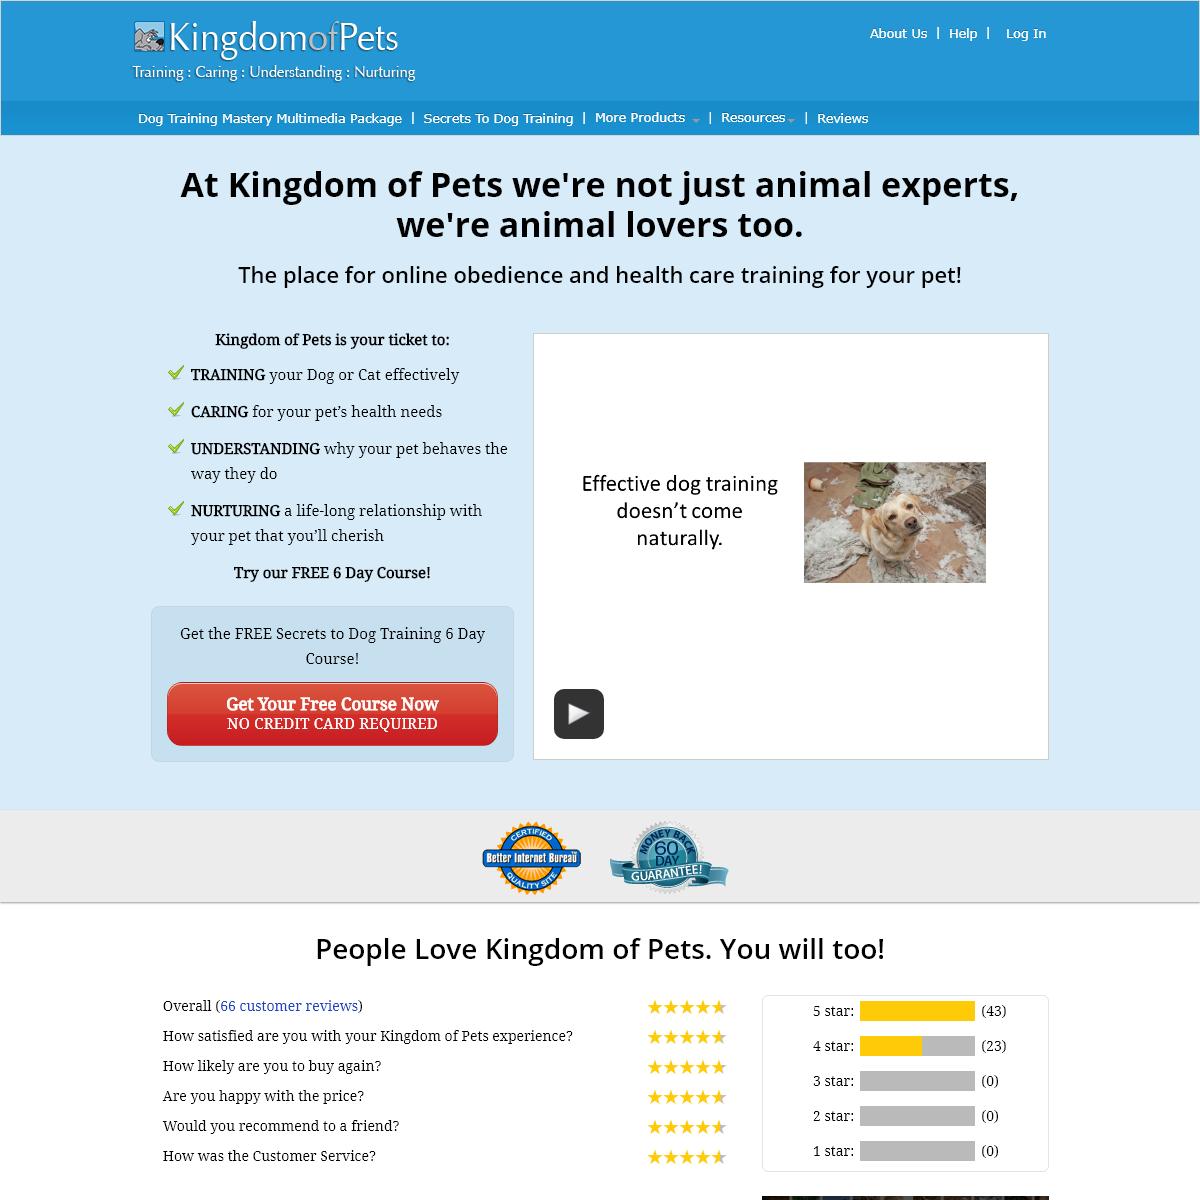 Kingdom of Pets